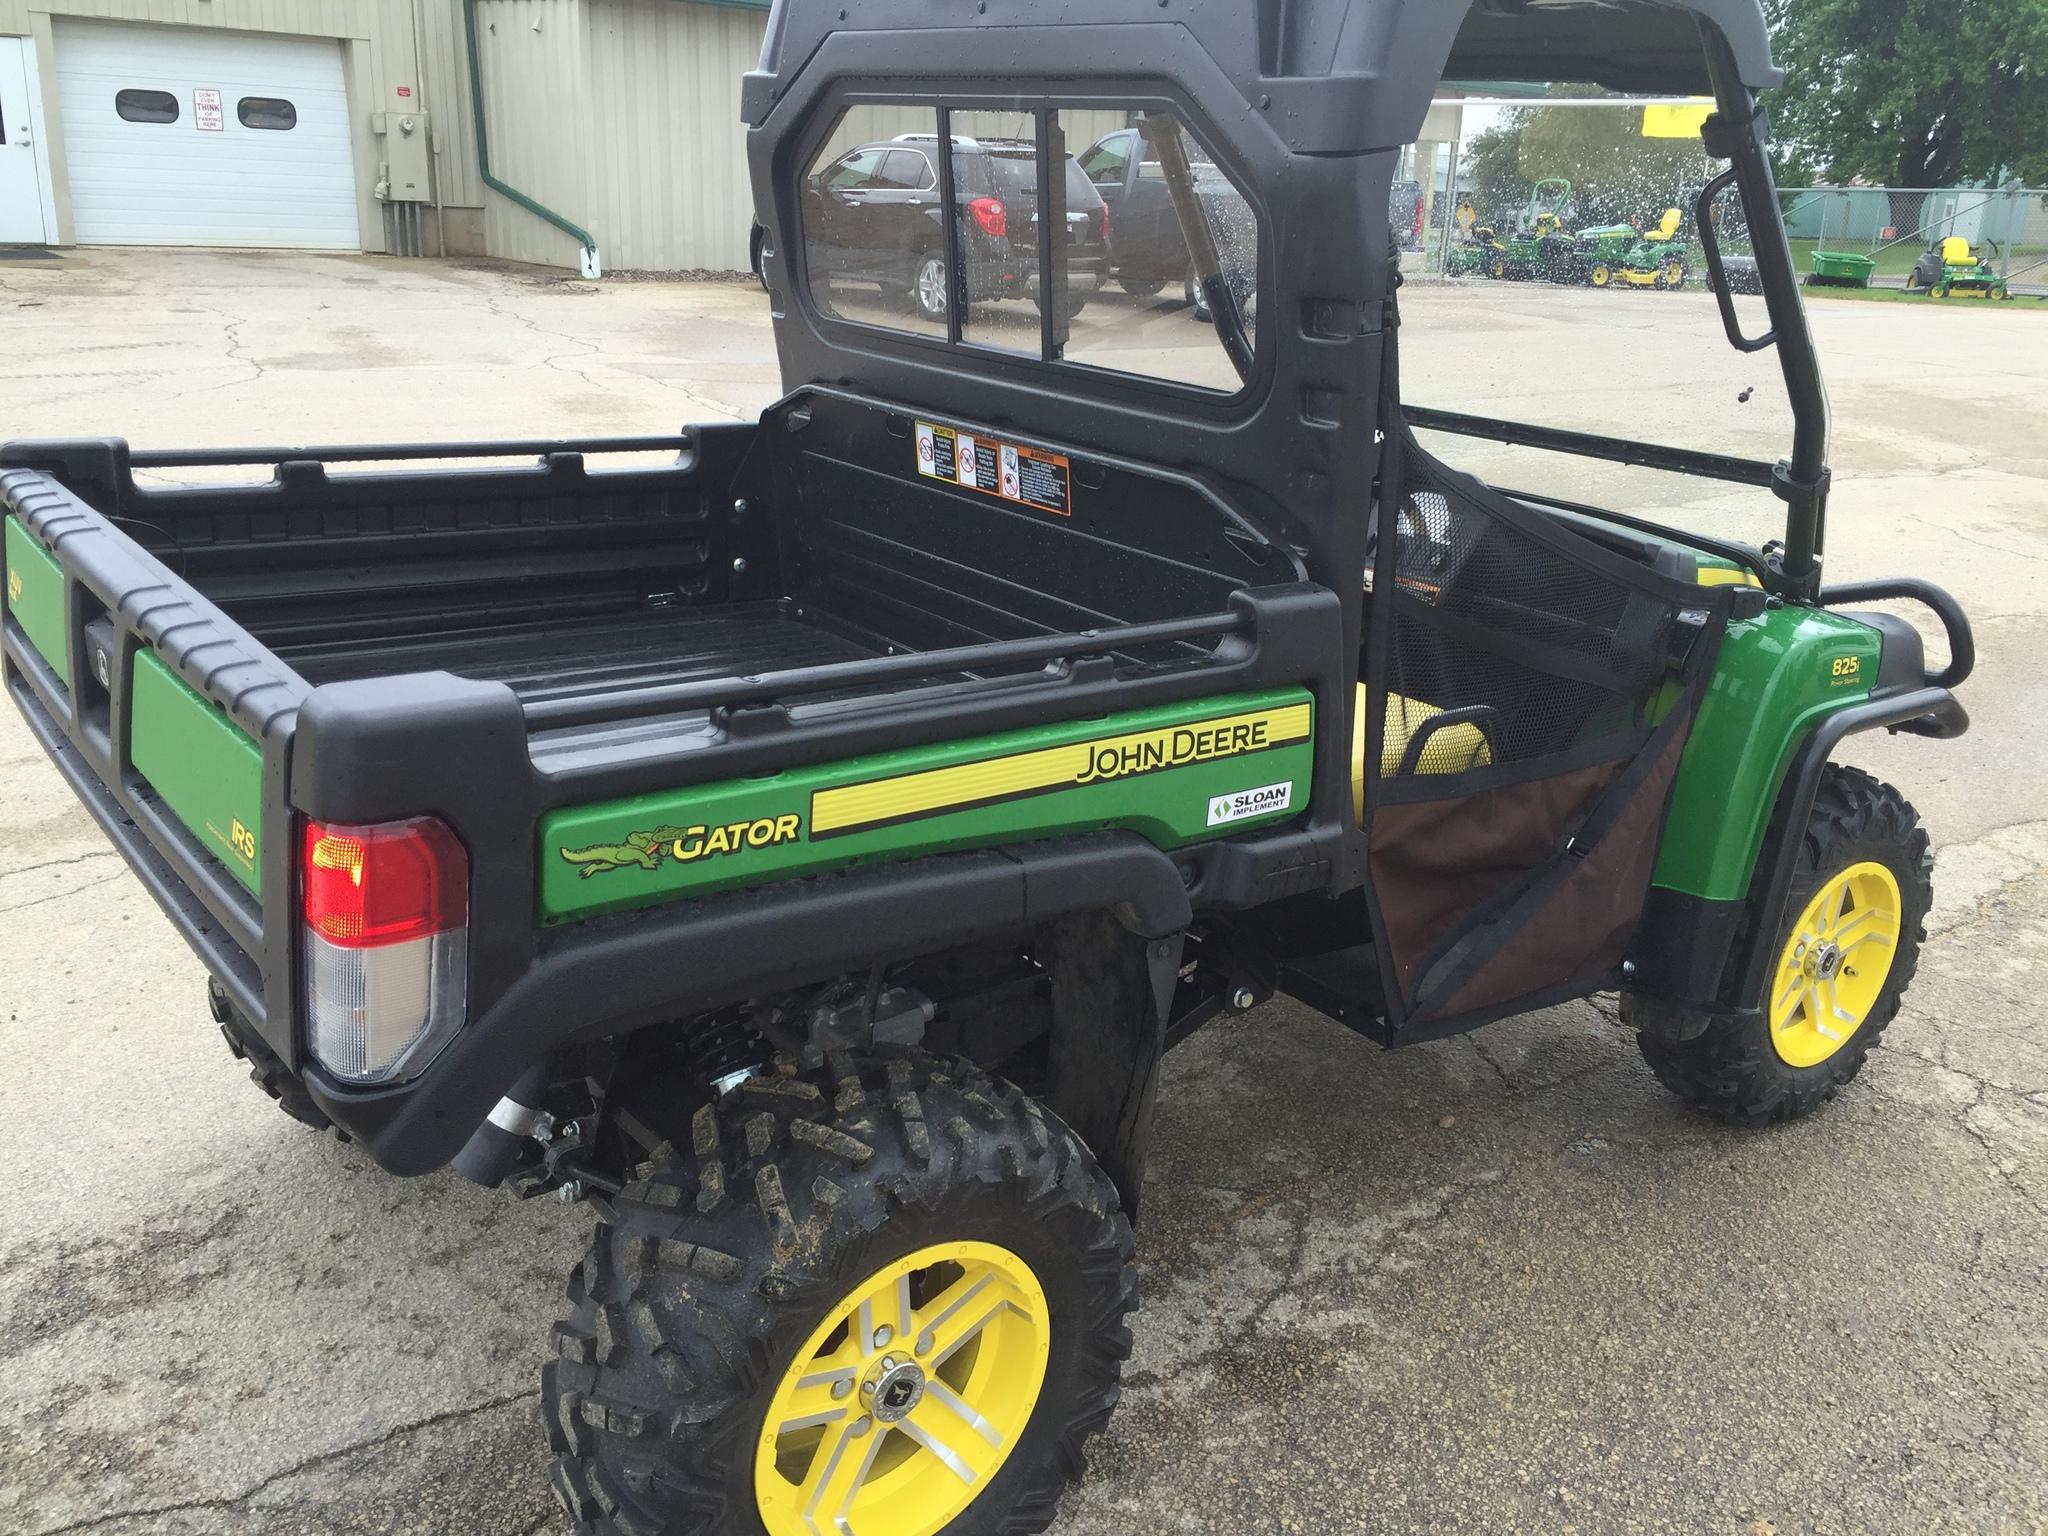 John Deere XUV 825i Power Steering ATVs & Gators for Sale | [60442]